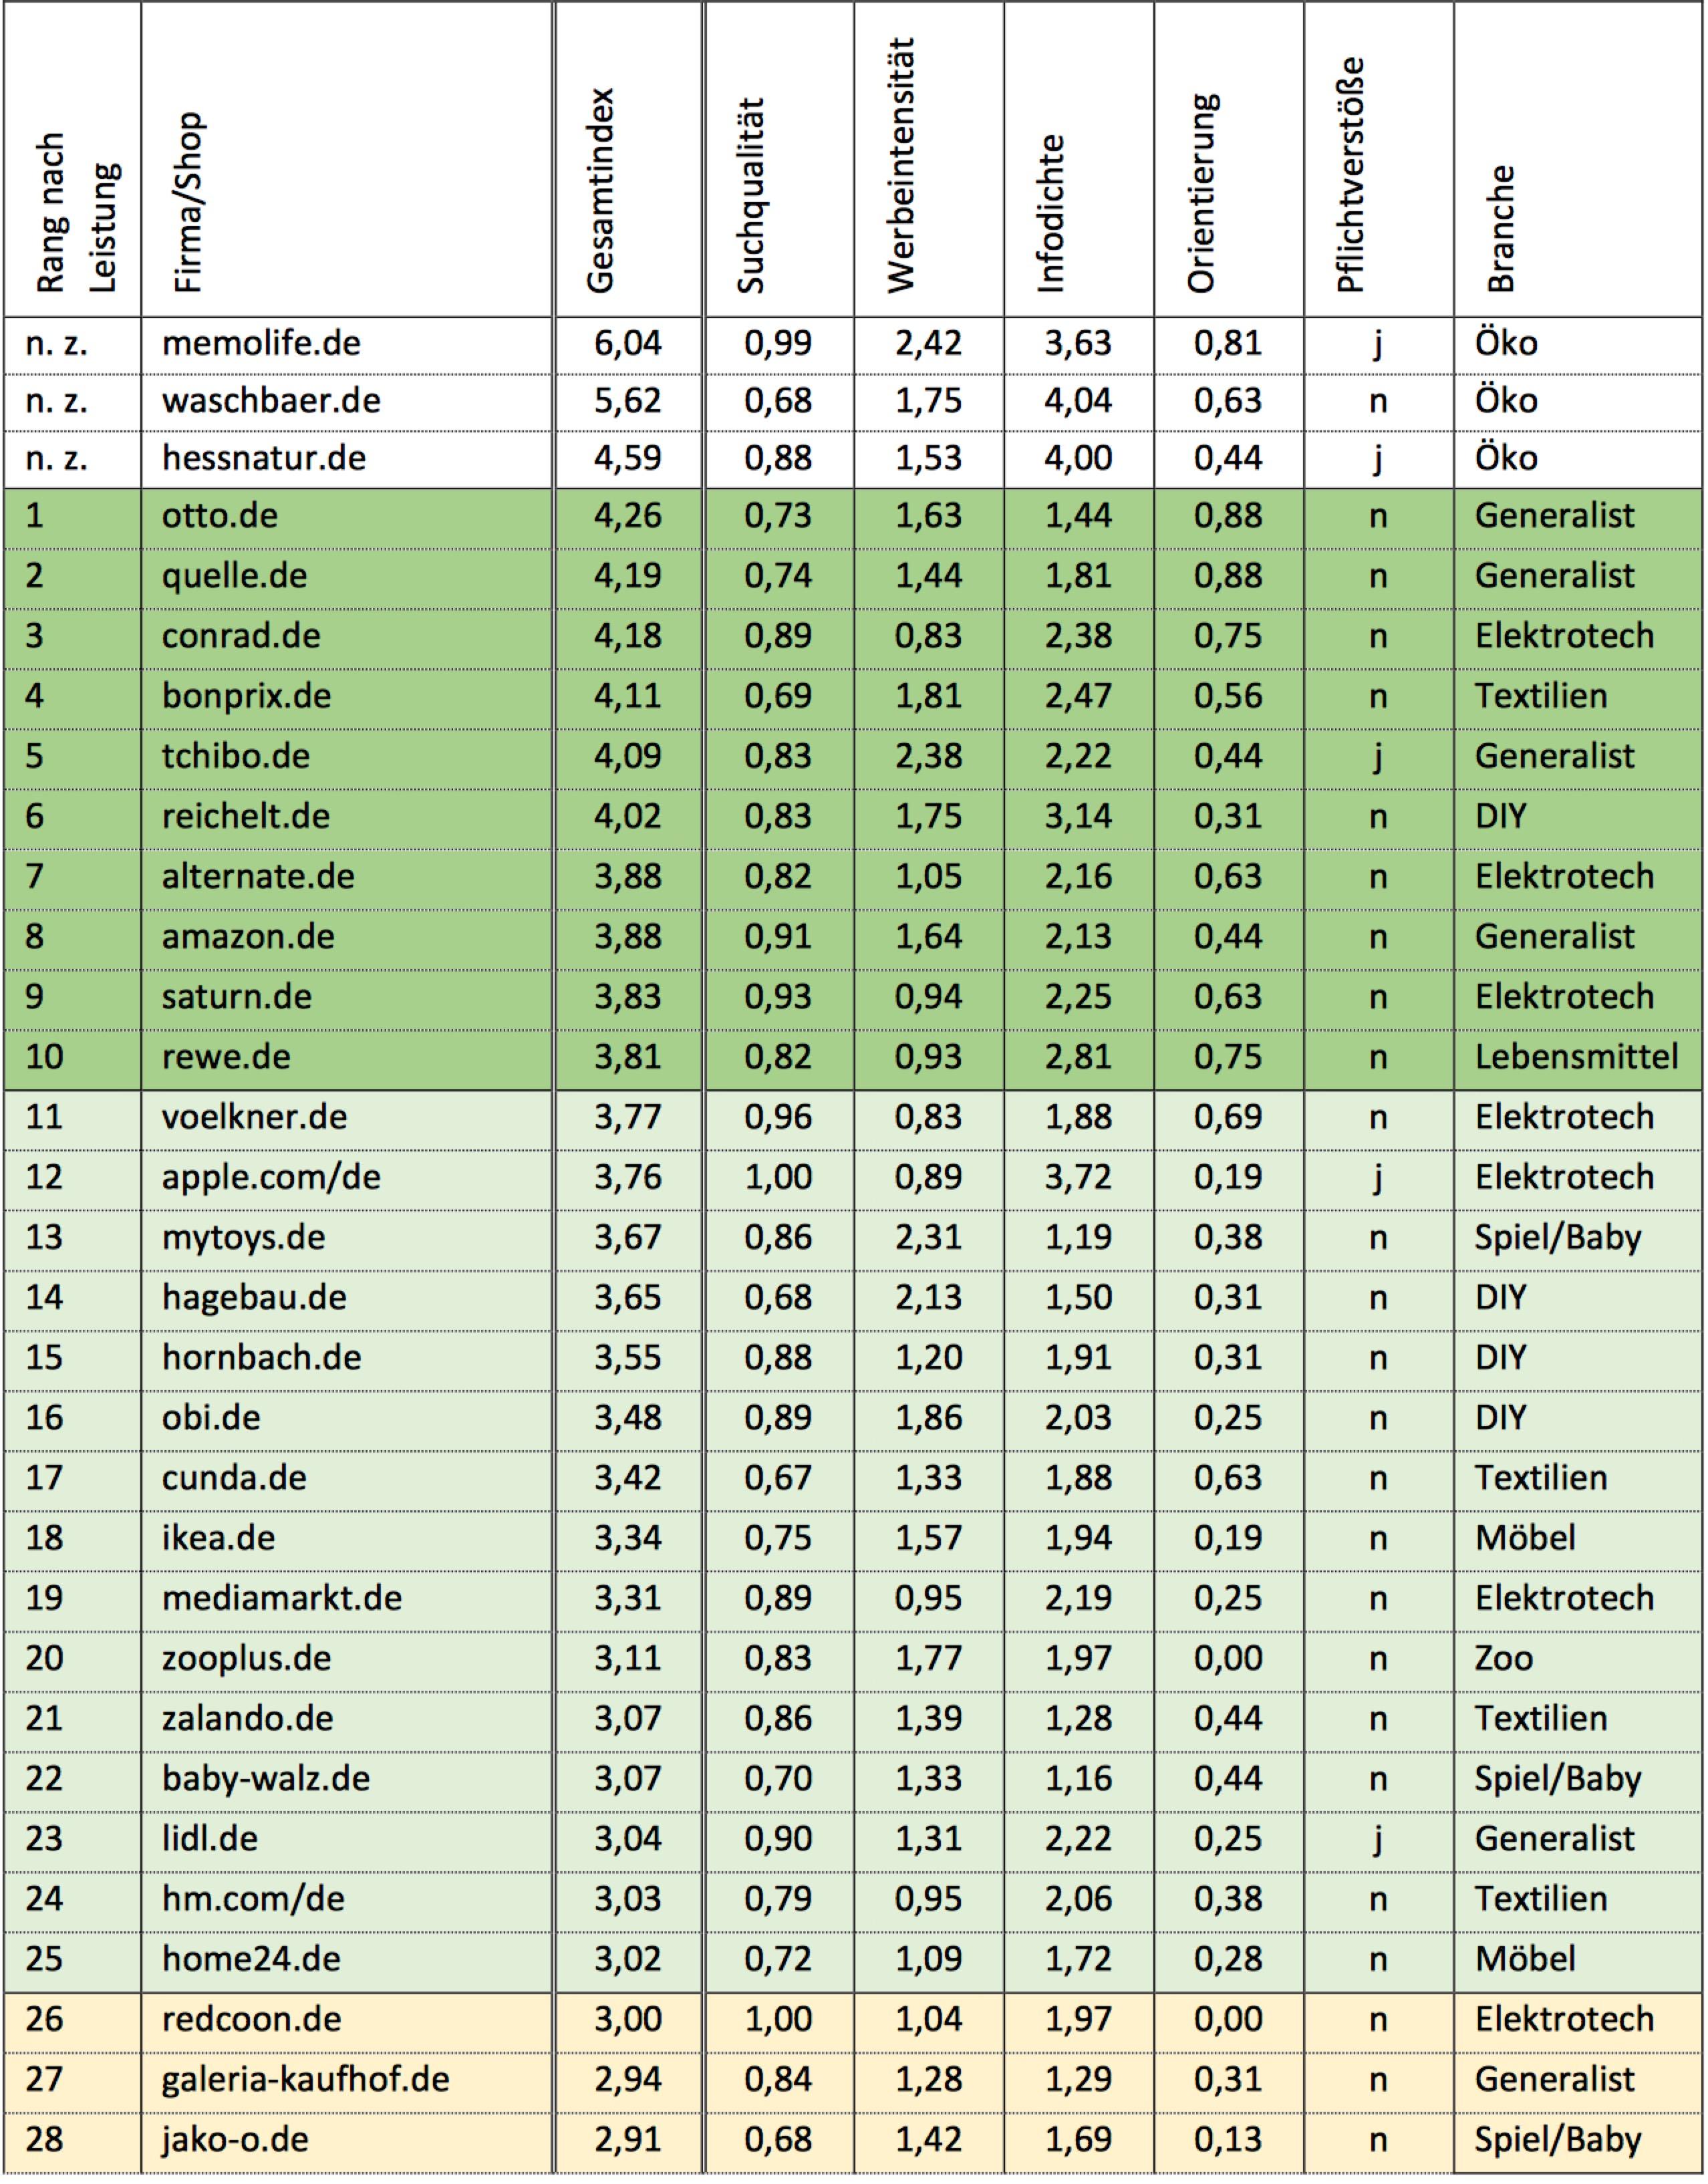 abe906ae23f8e0 factory - Magazin für nachhaltiges Wirtschaften | News ...